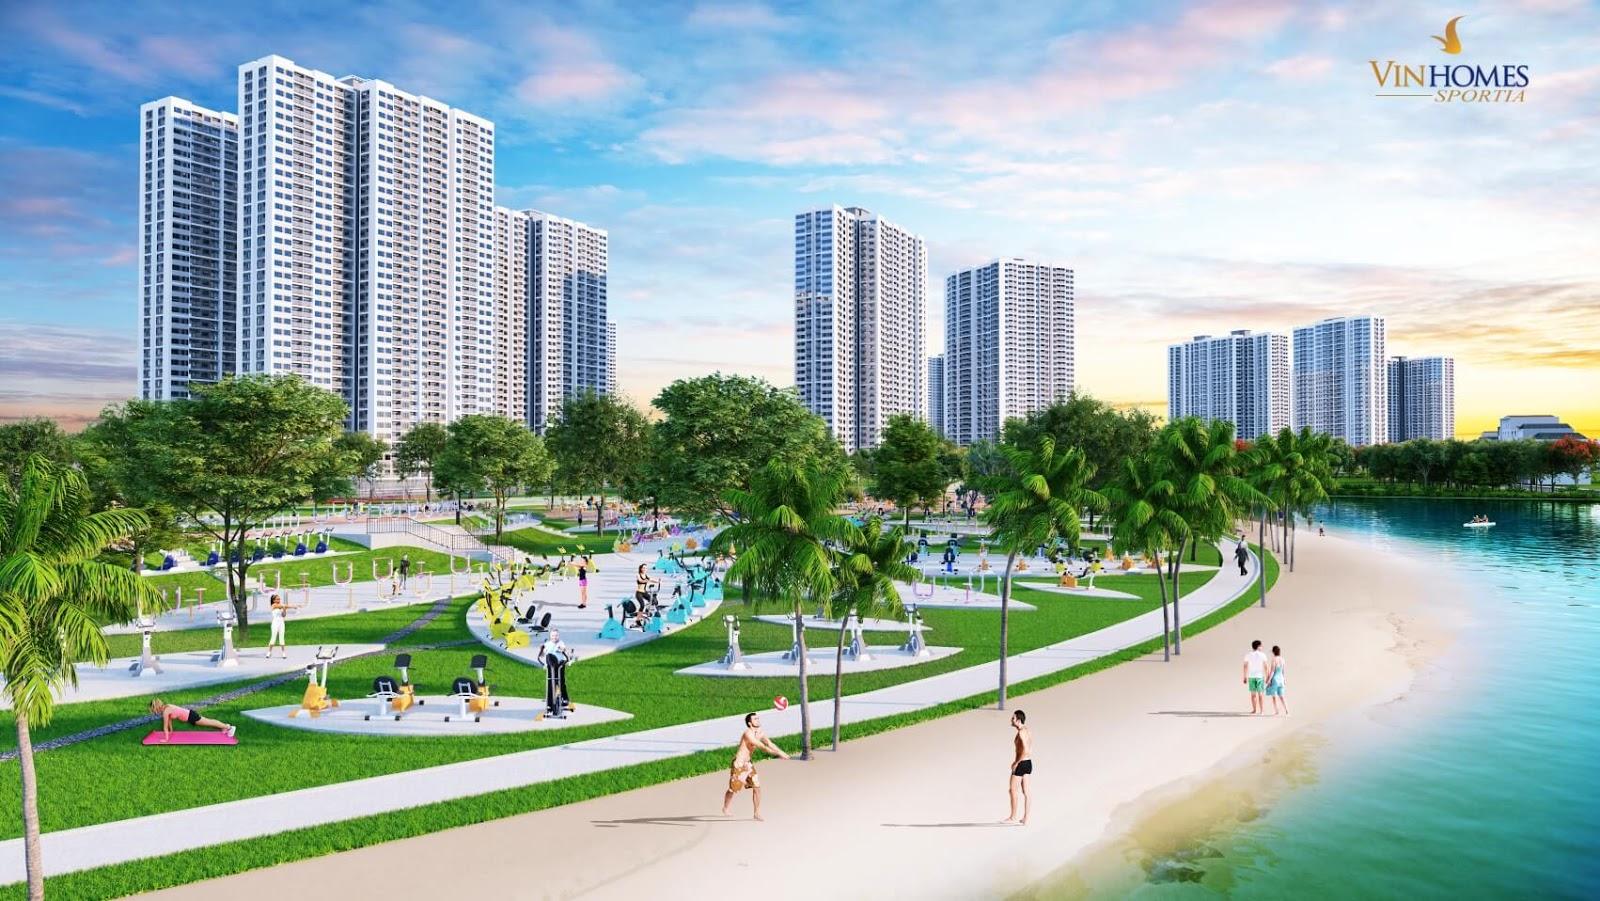 Vinhomes Sportia Tây Mỗ - Đô thị đẳng cấp Singapore